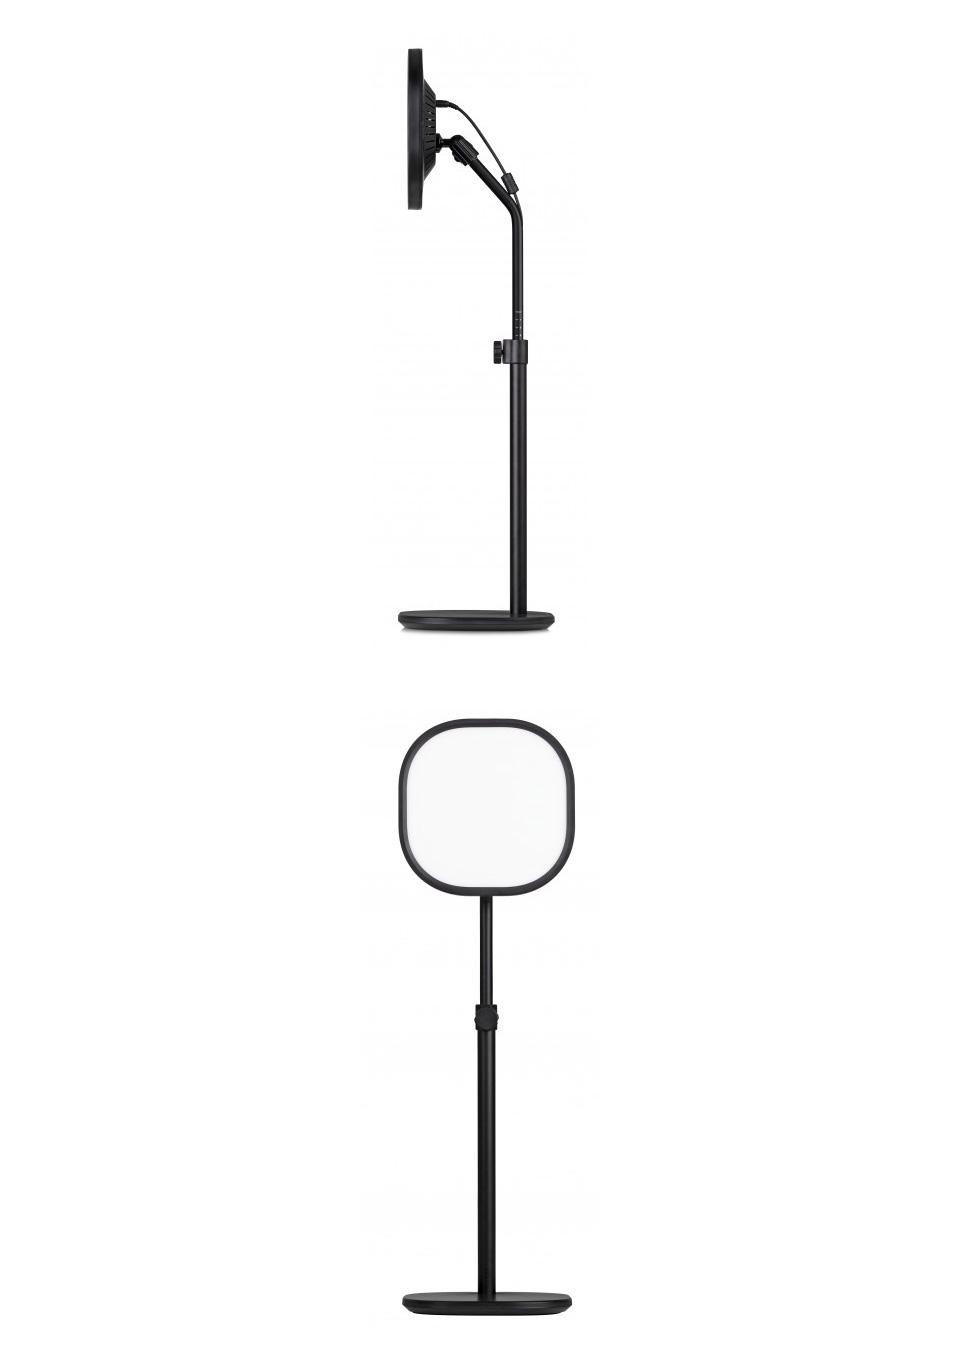 Elgato Key Light Air LED Panel product